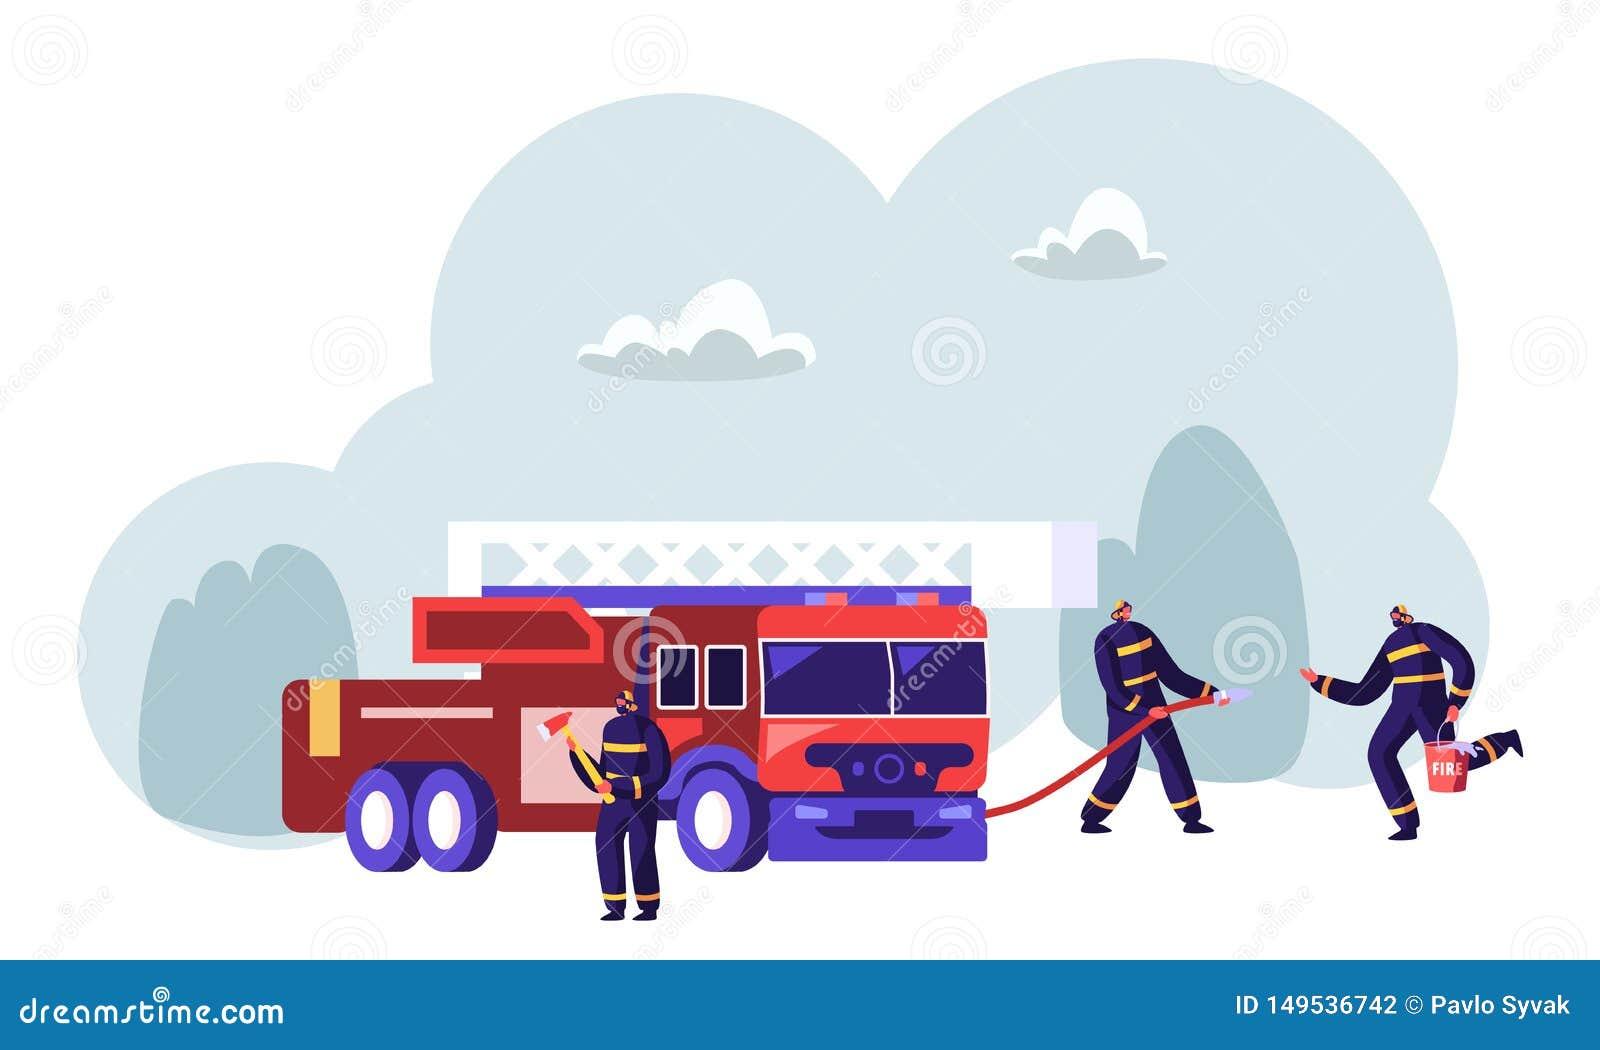 Feuerwehrmann-Team nahe Feuerwehrmann-LKW-Holding-Axt in den H?nden, die Wasser vom Schlauch, Wasser im Eimer holend spr?hen